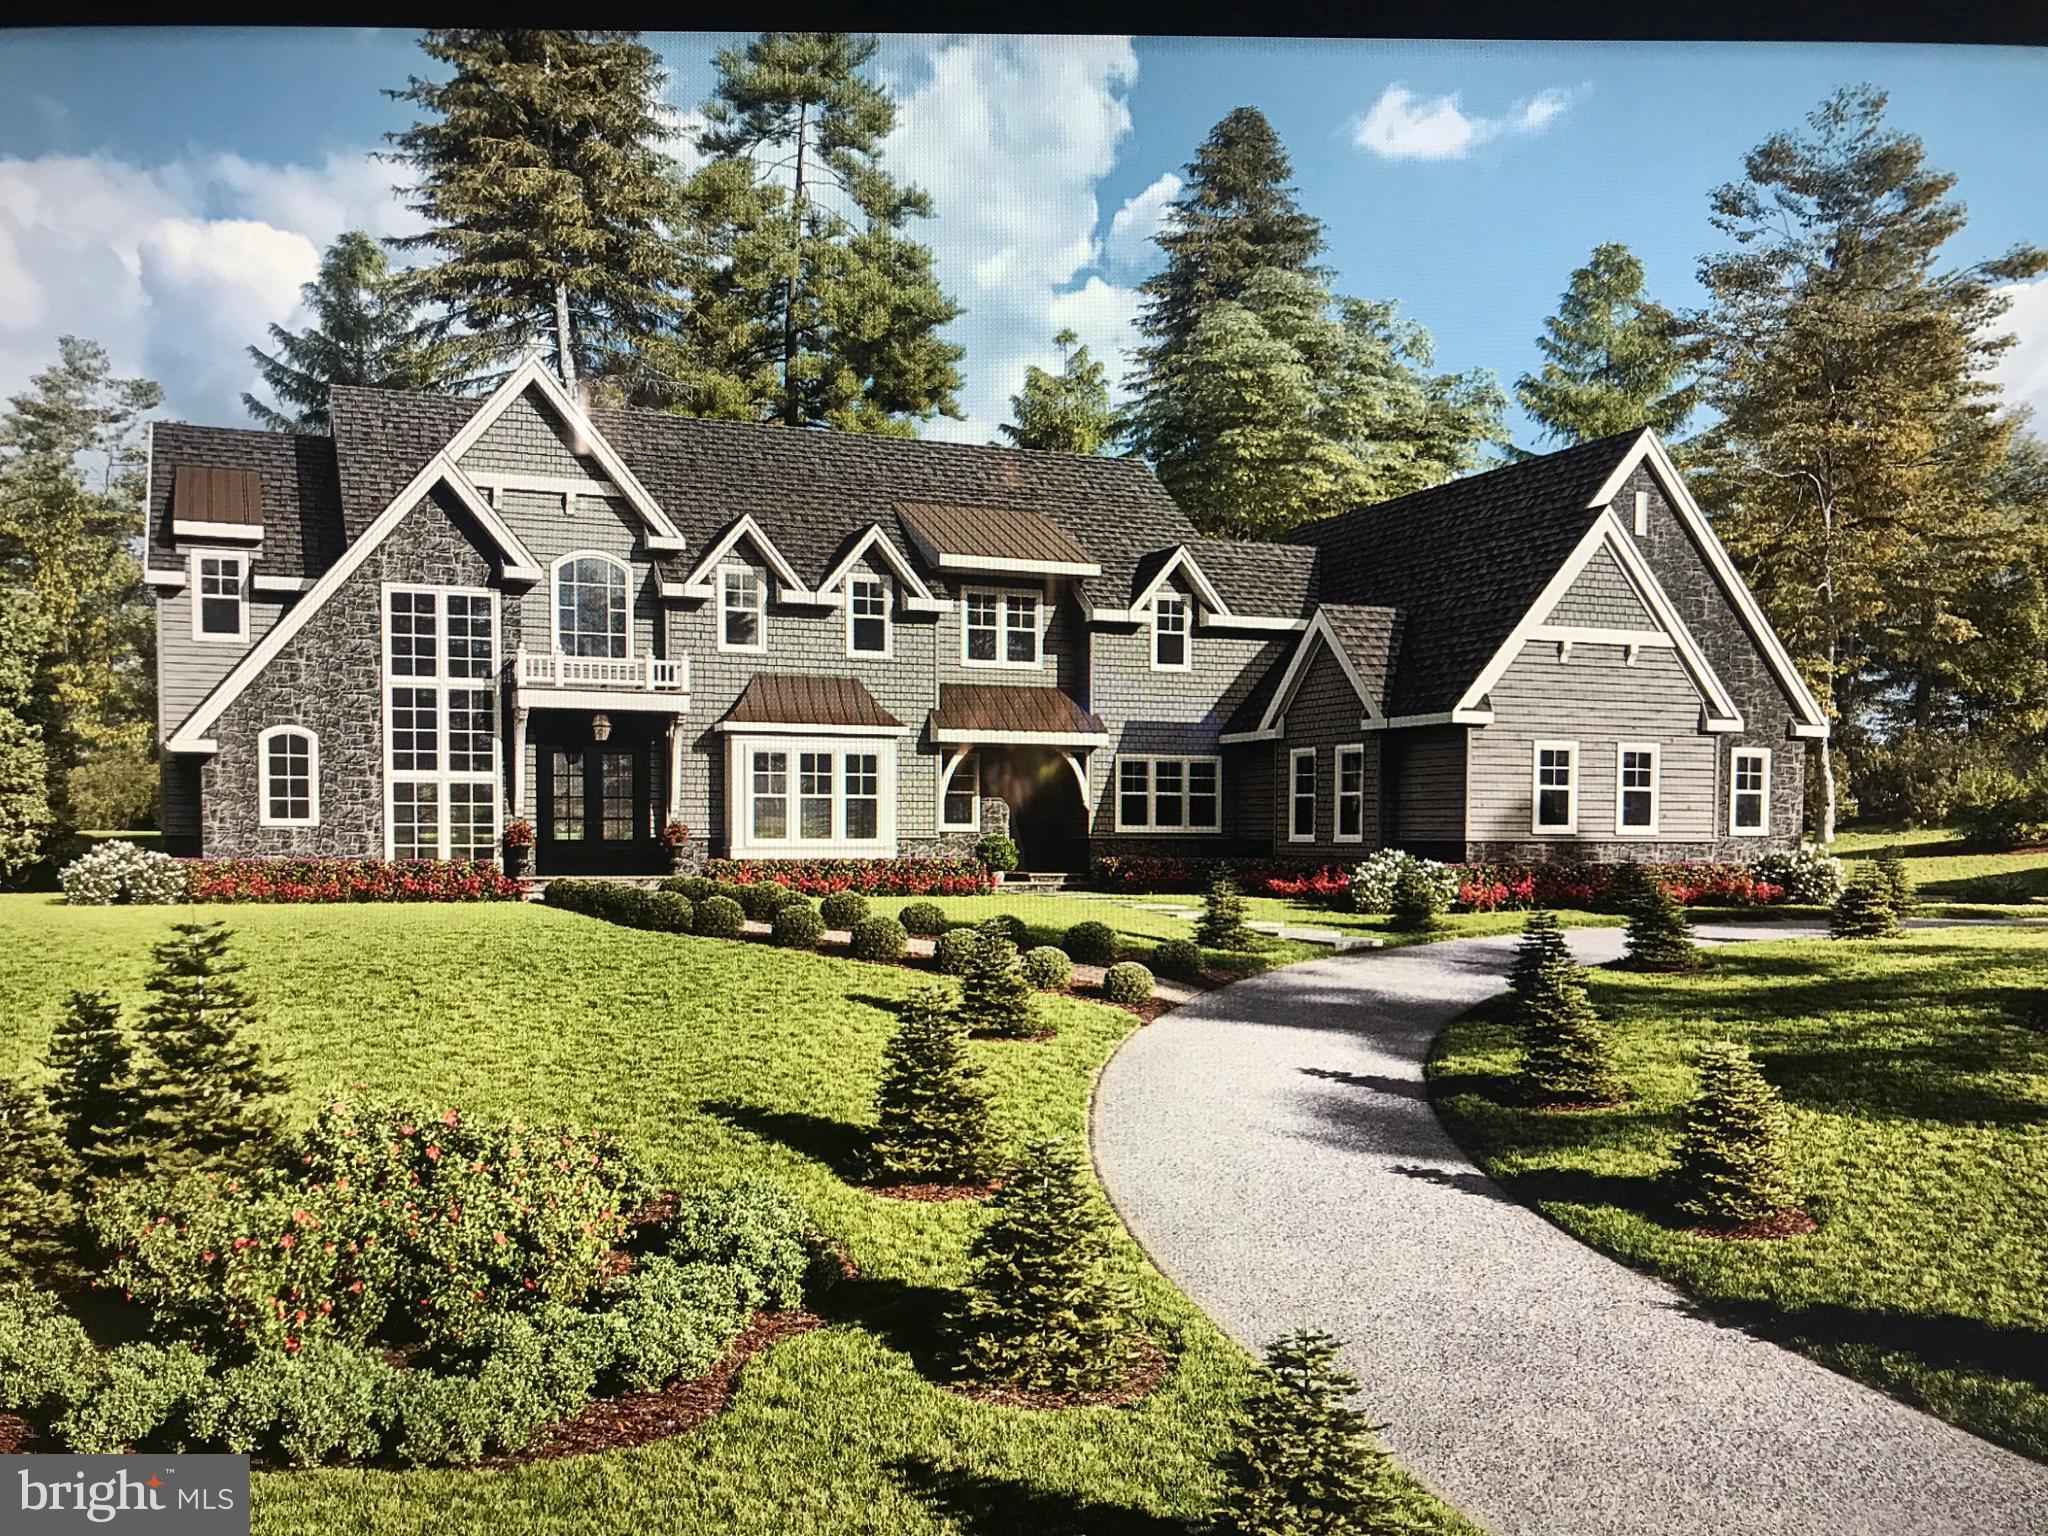 905 Wootton Rd, Bryn Mawr, PA, 19010